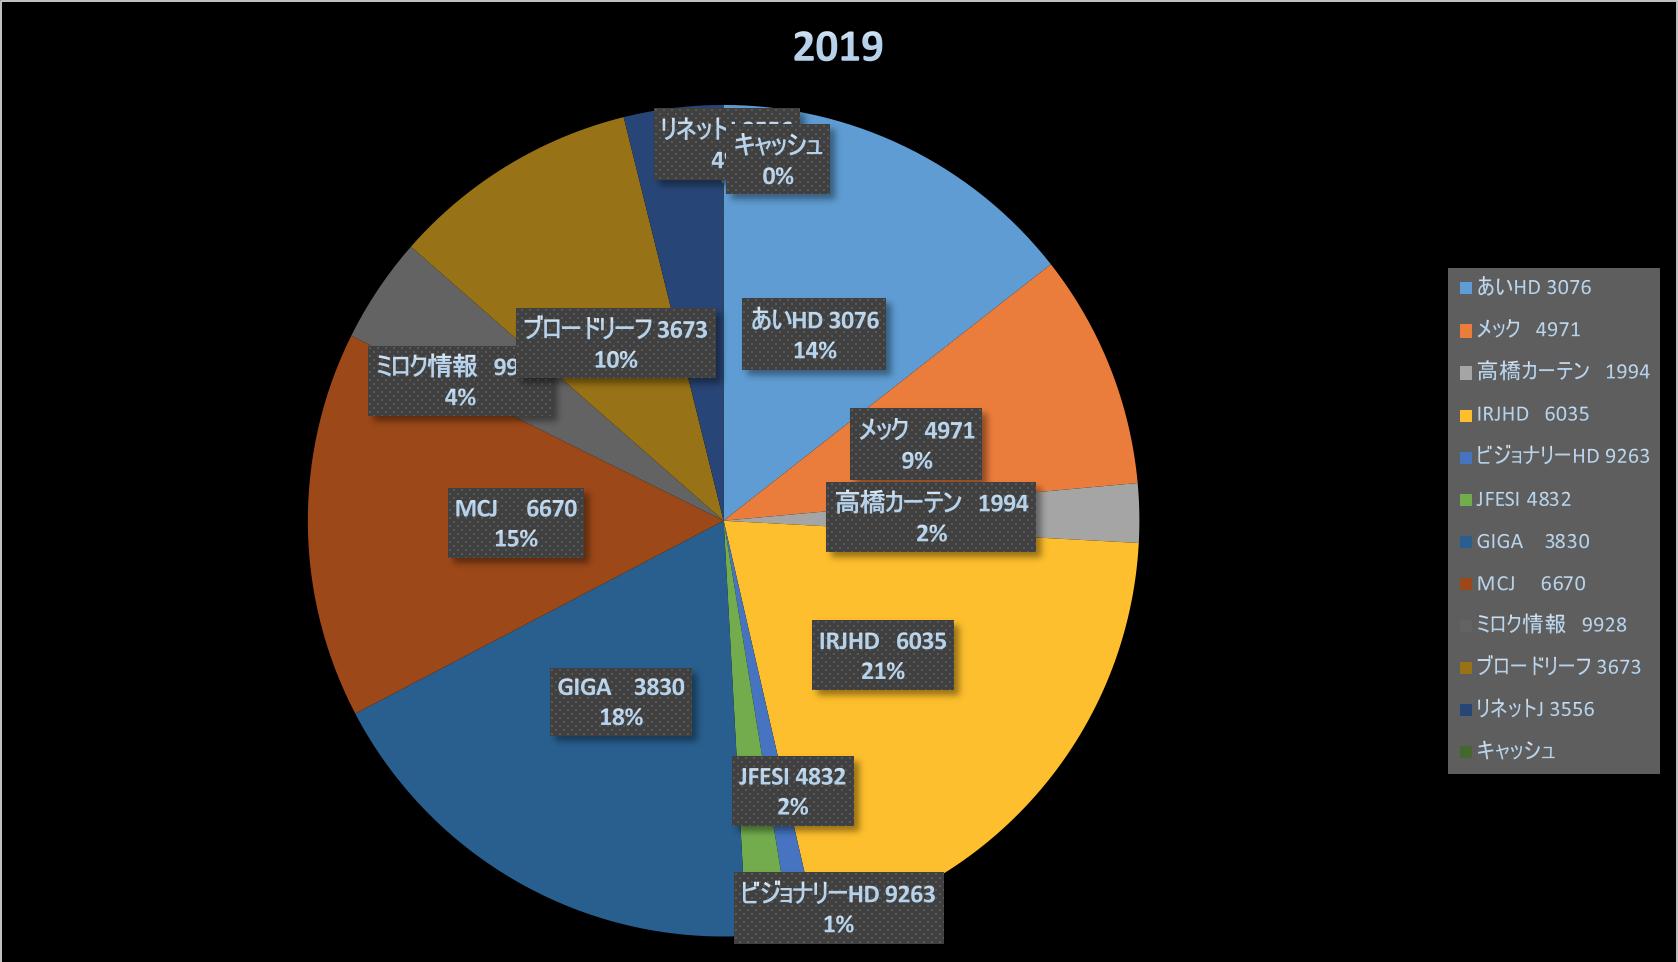 アオハルかよ(株式投資成績報告2019/6/15)